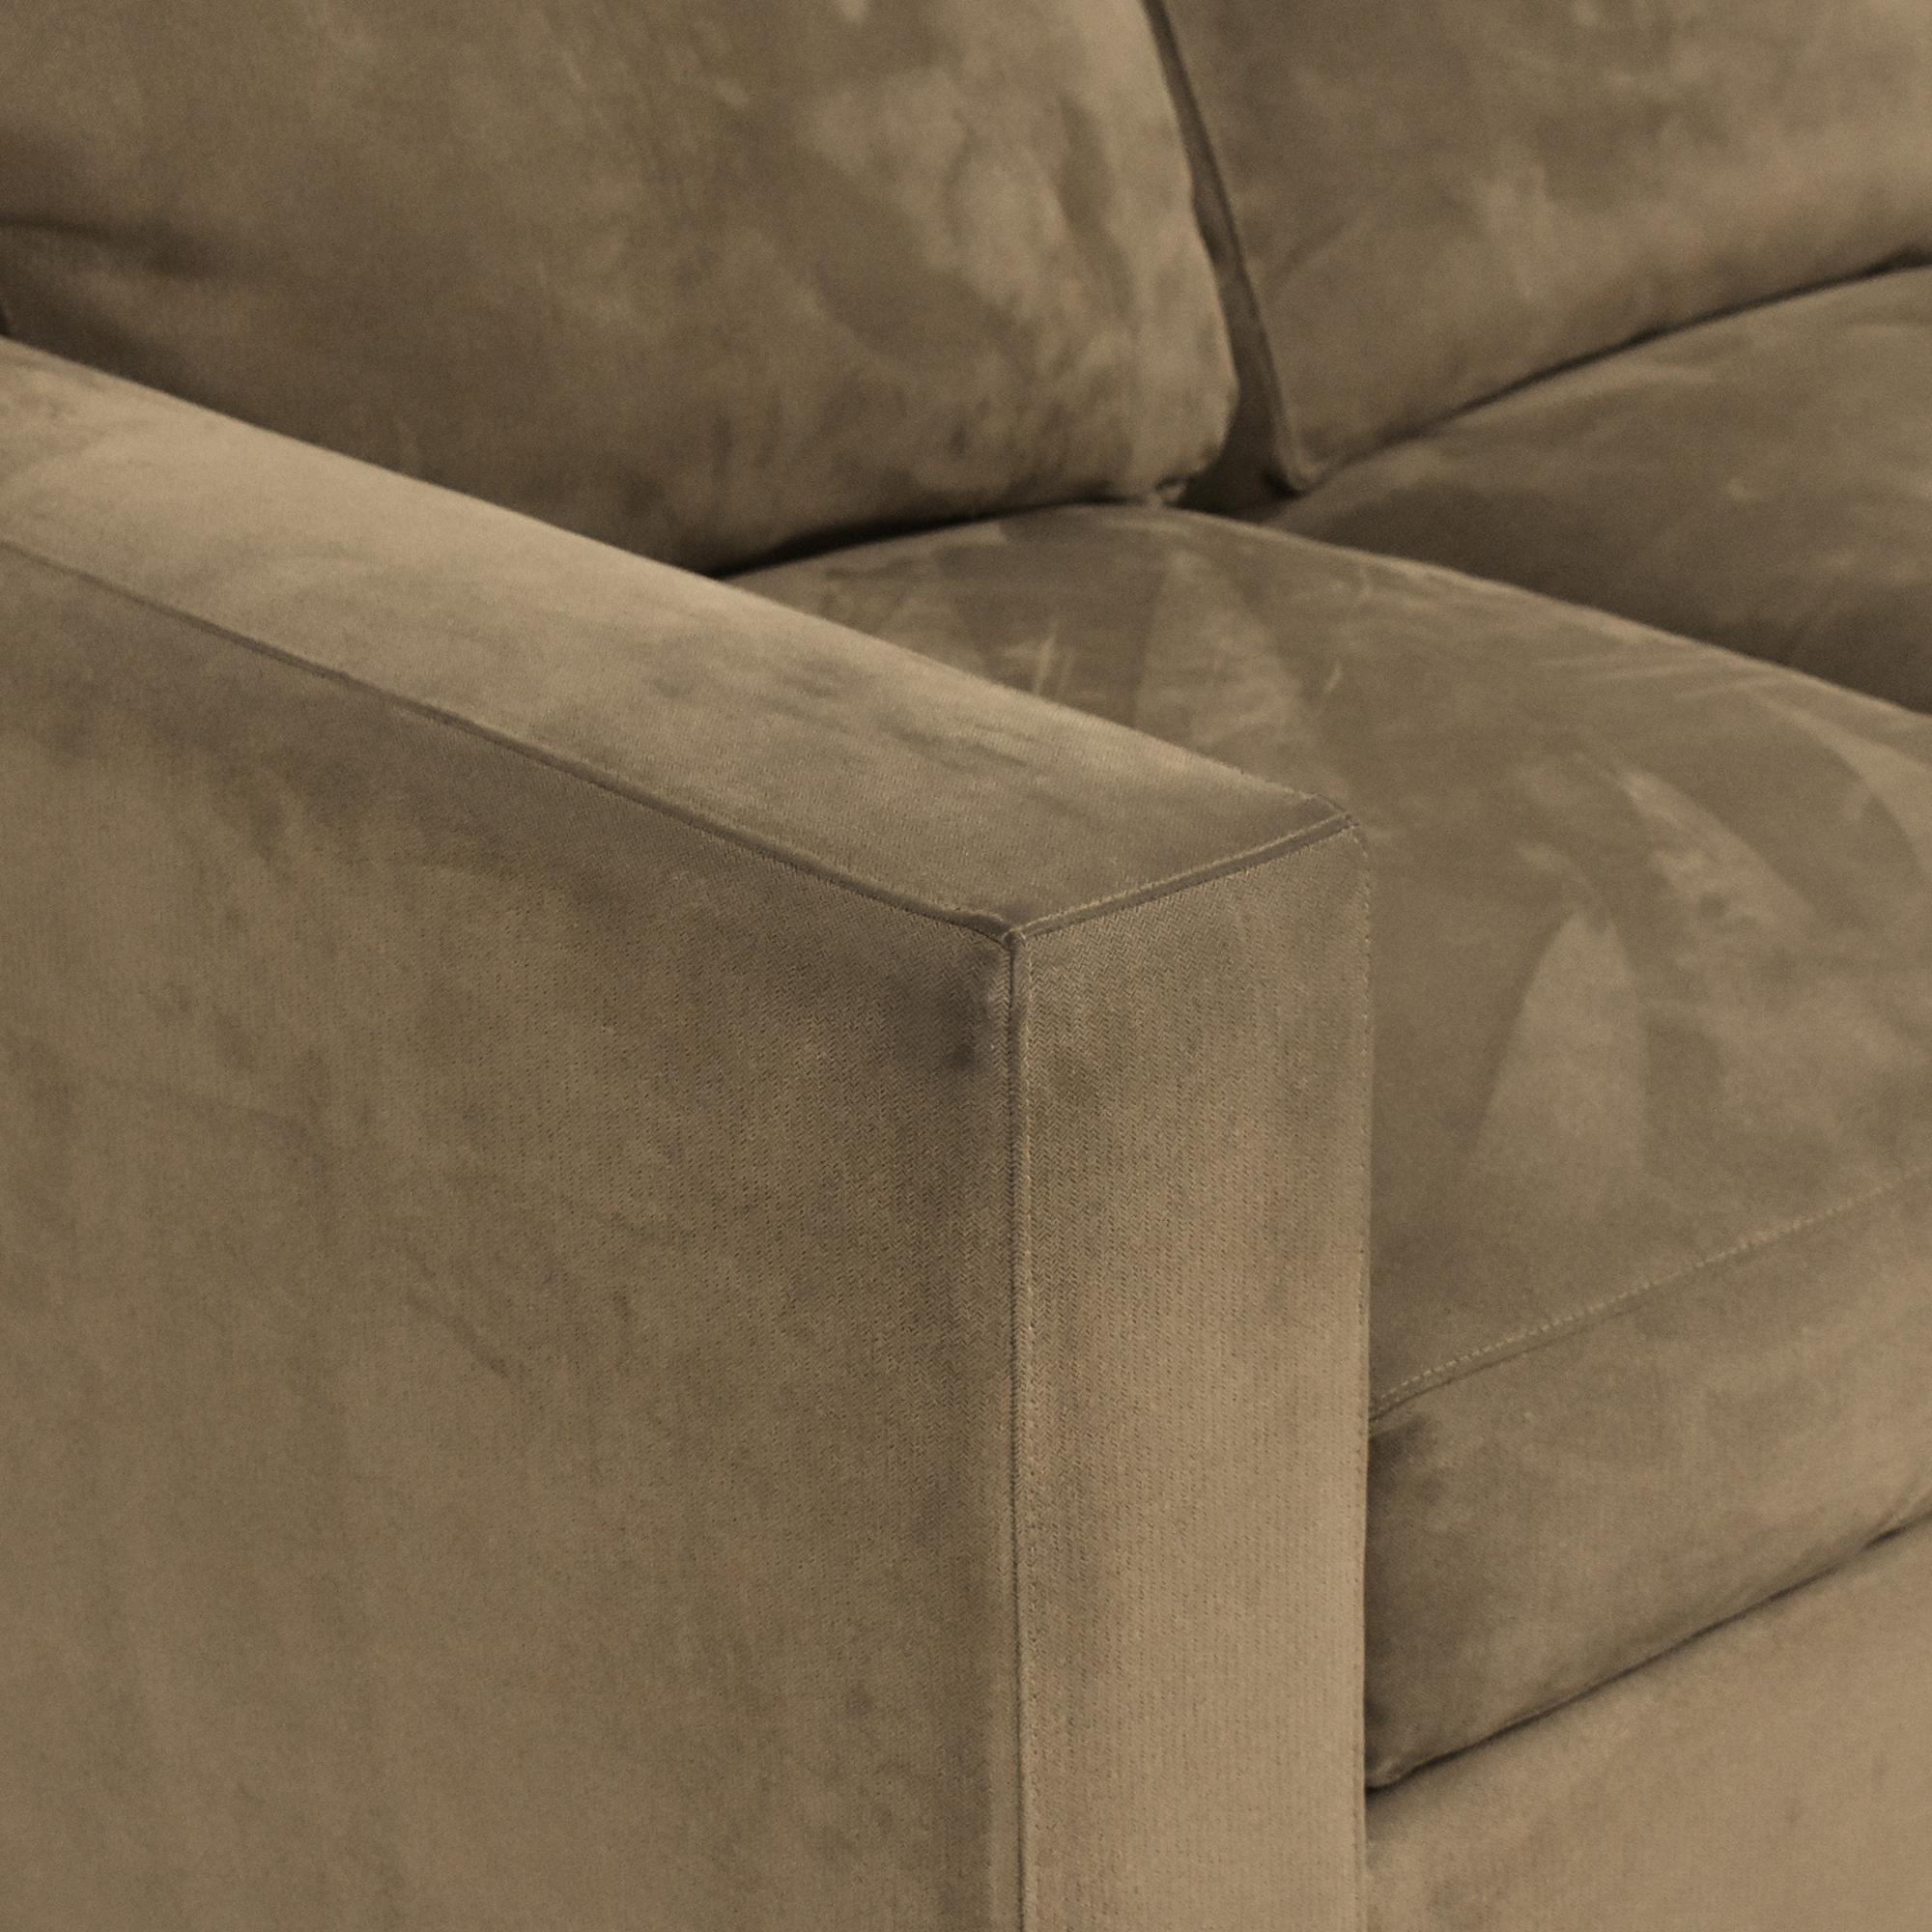 buy Crate & Barrel Axis Three Seat Sofa Crate & Barrel Classic Sofas